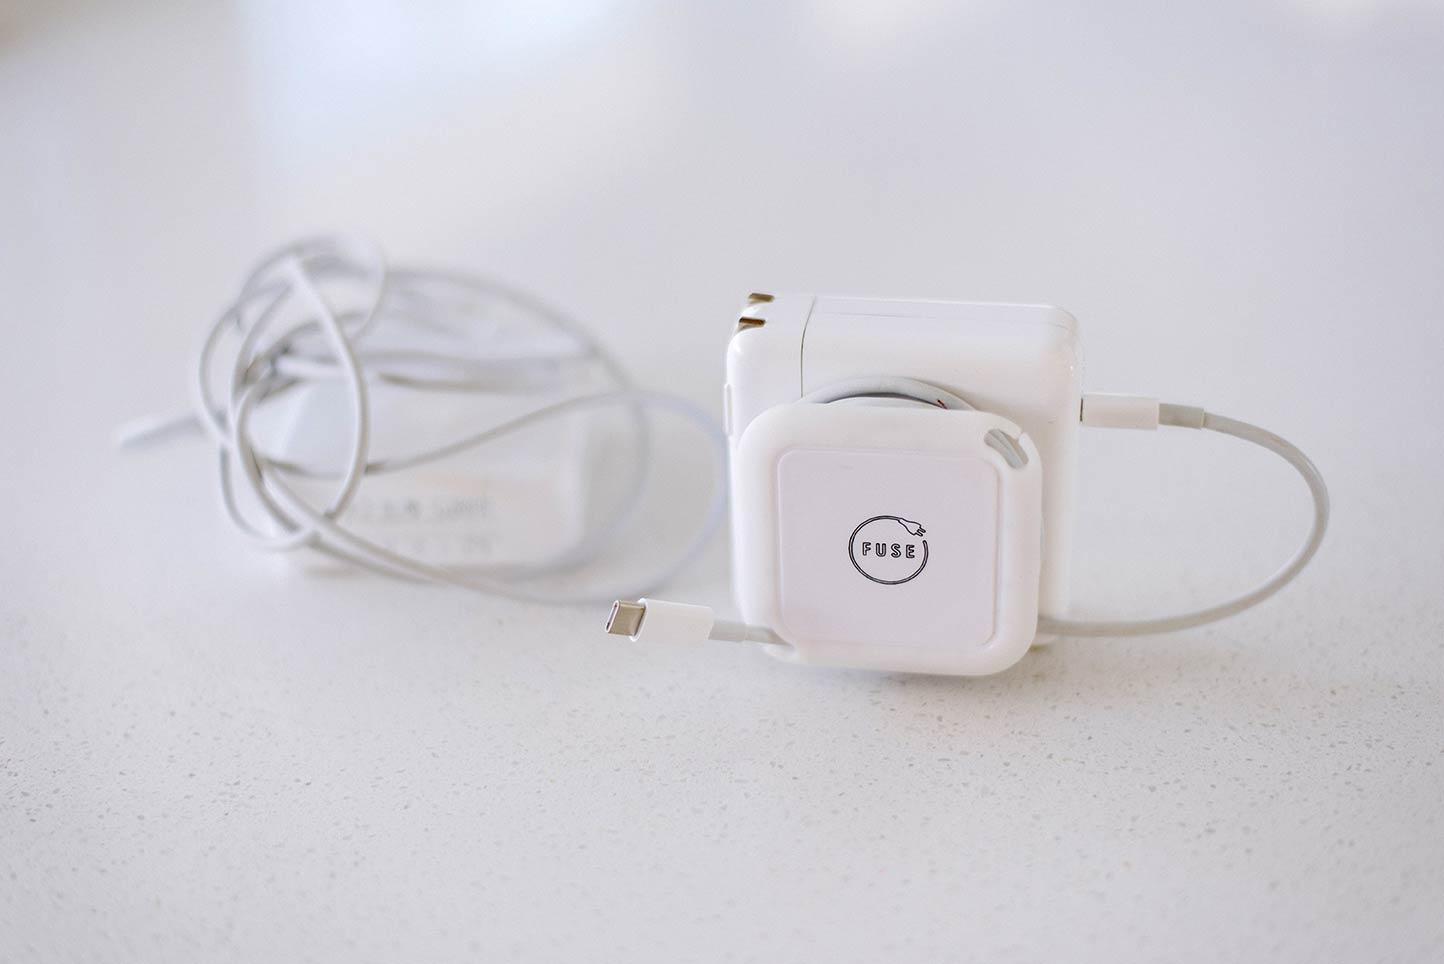 Side Kick da Fuse, acessório para enrolar cabo do carregador do MacBook Pro